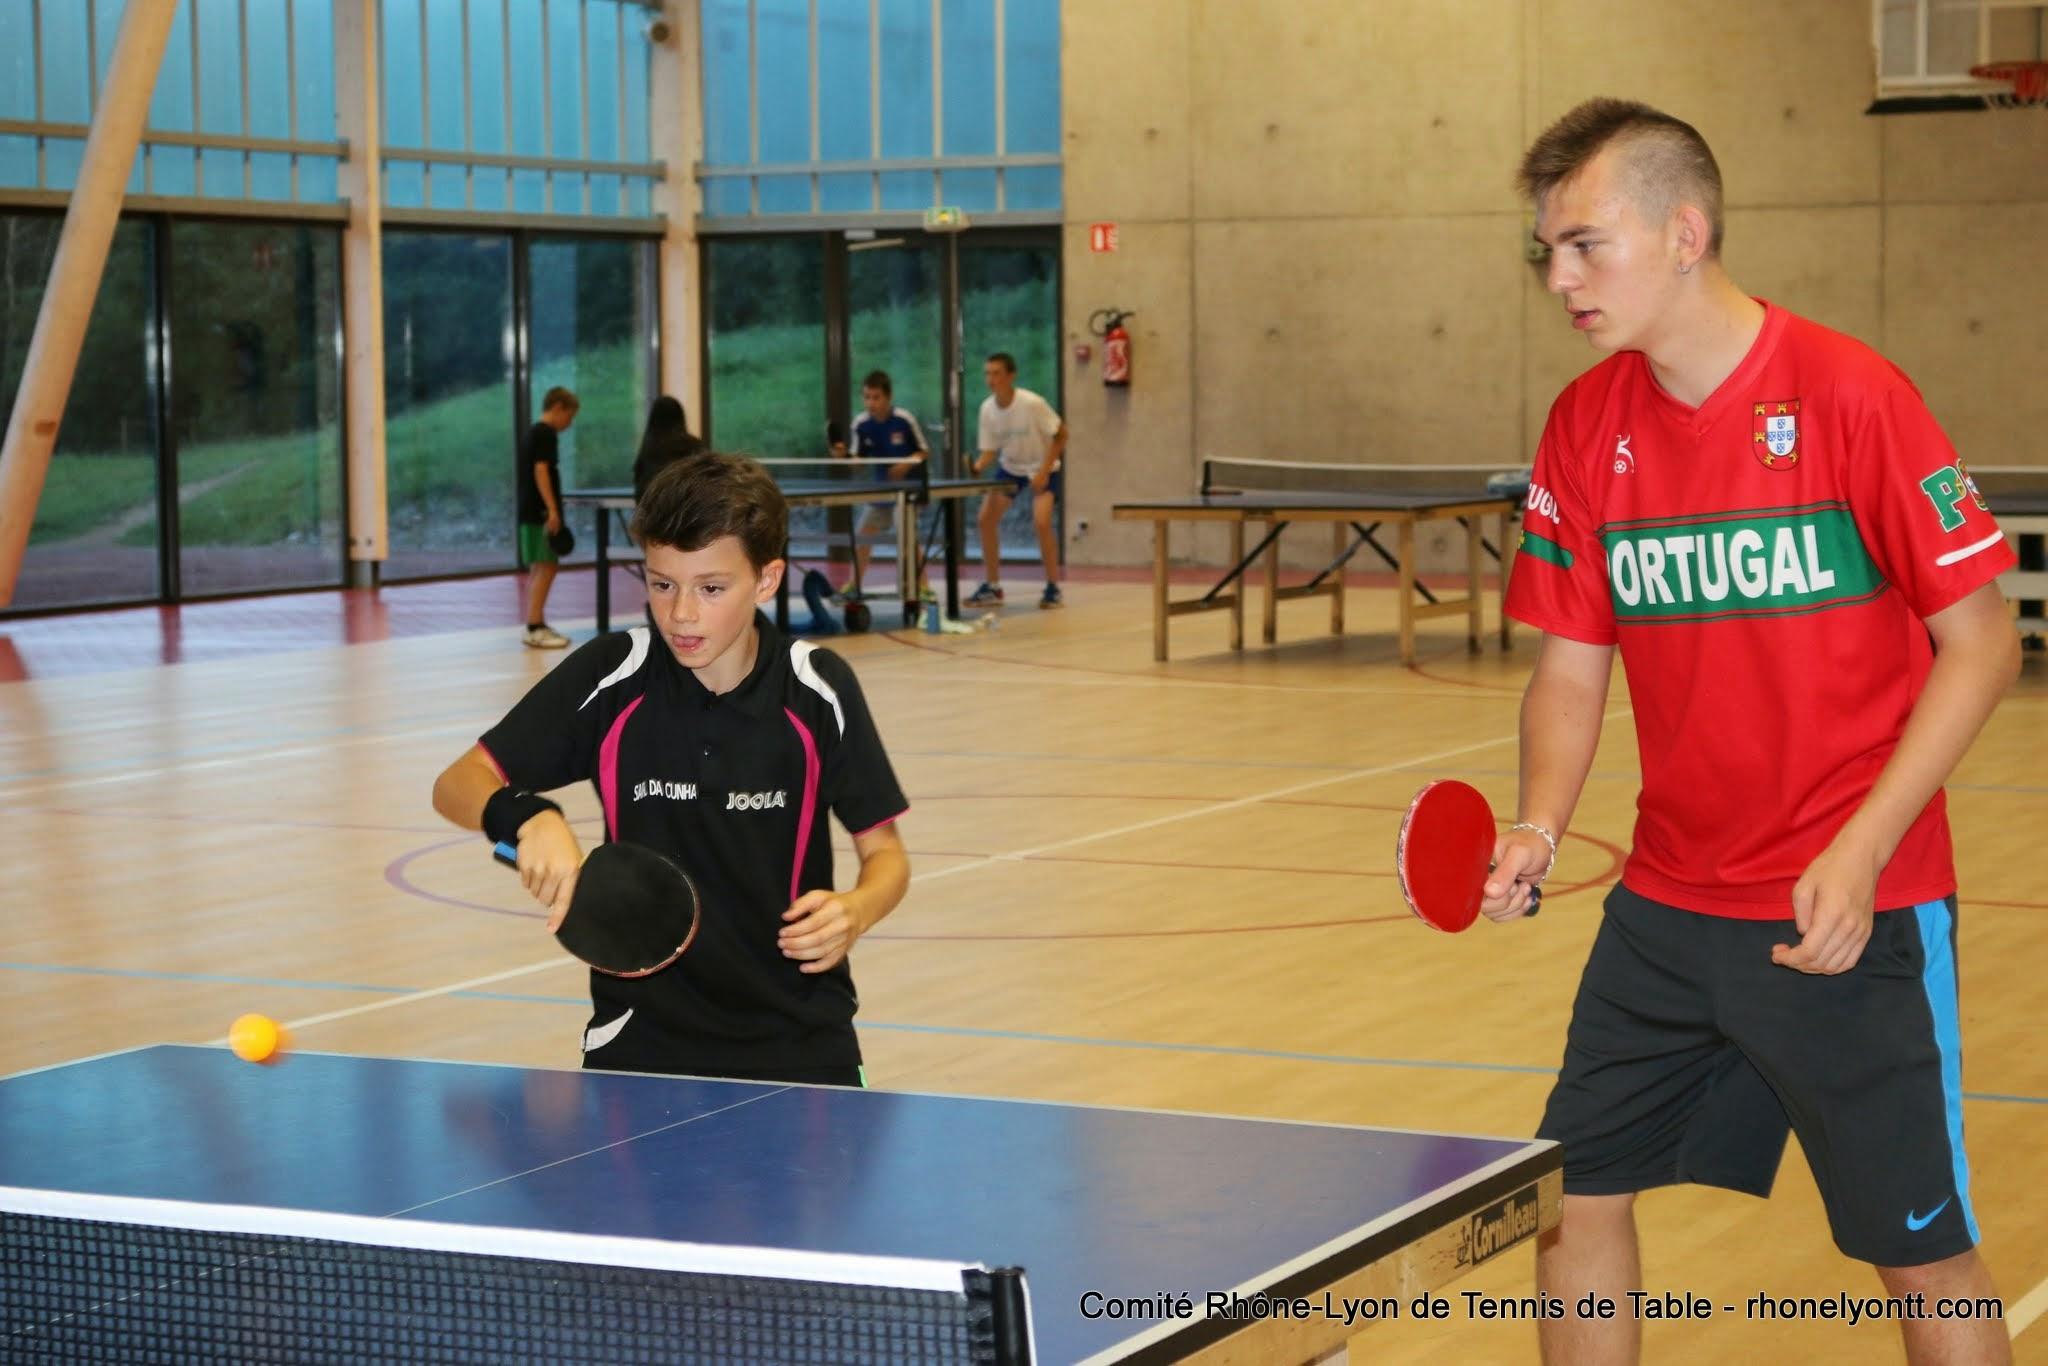 Auvr rillieux championnat de france f minin masculin - Federation francaise tennis de table ...